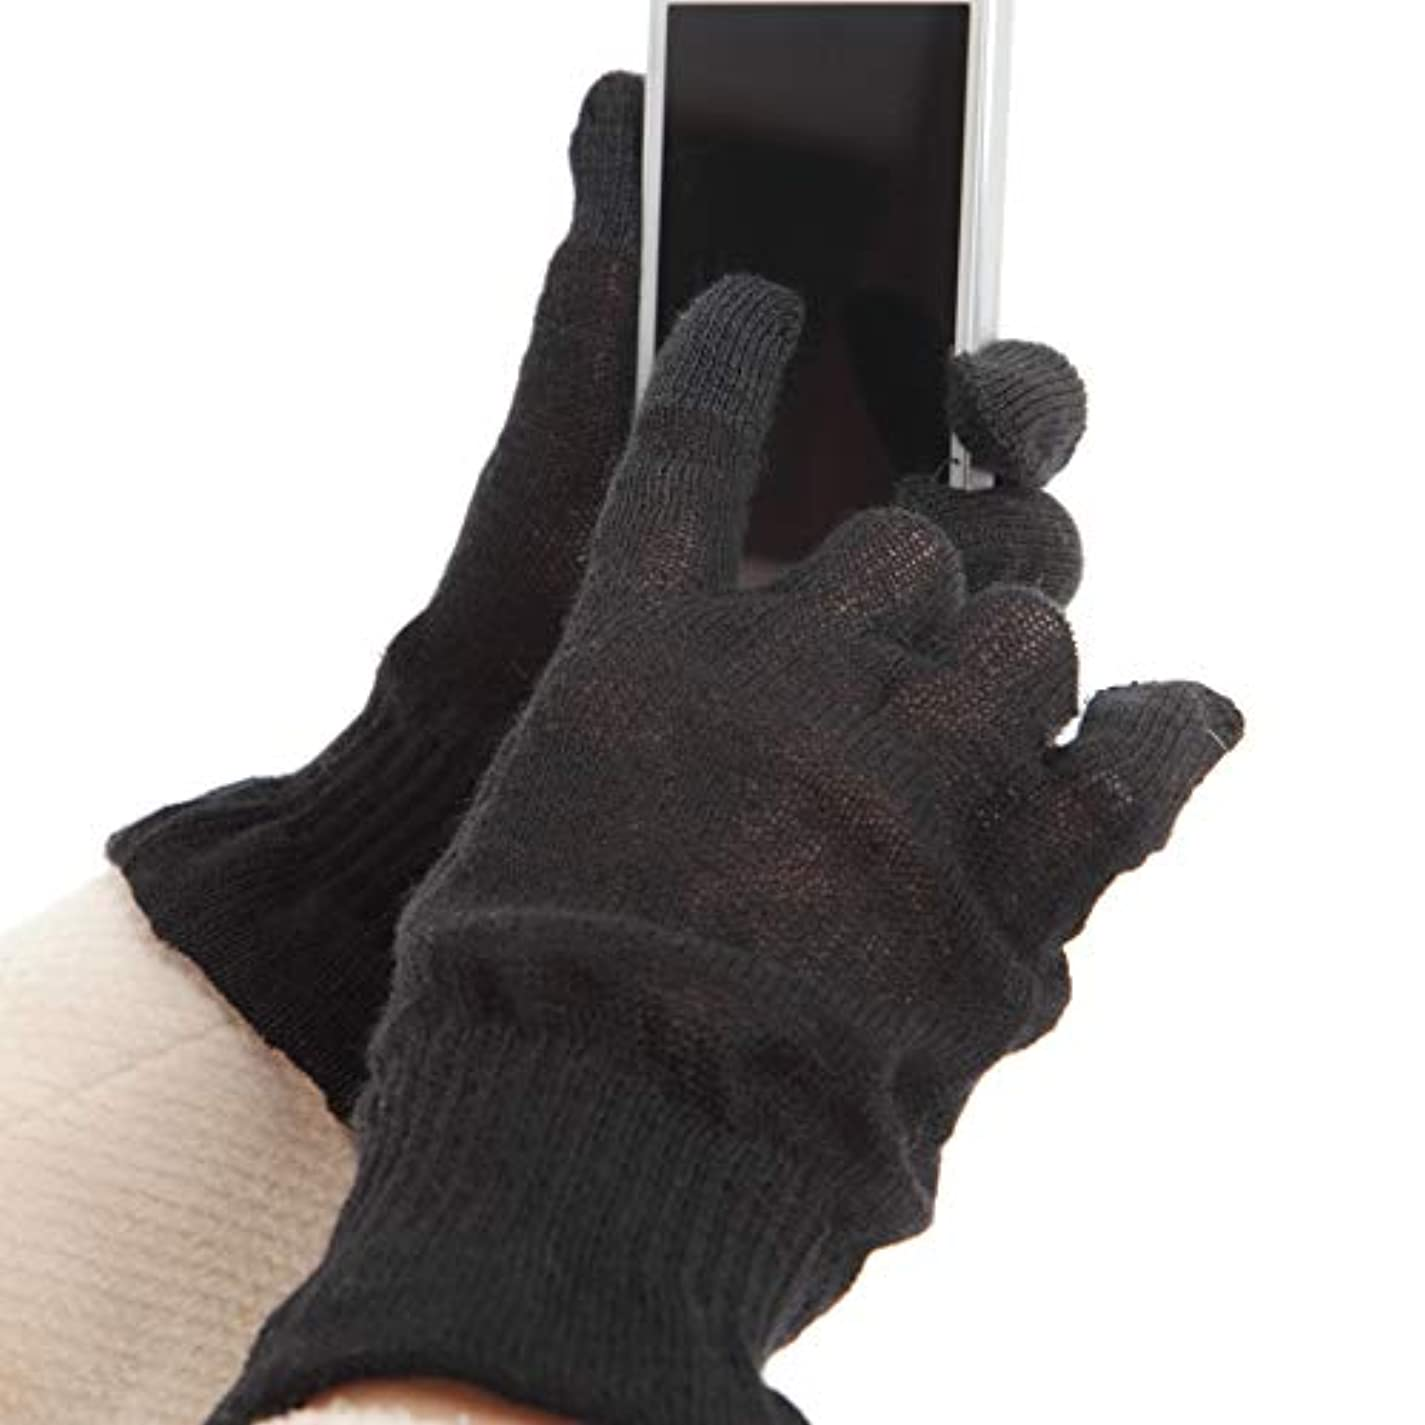 ソートごめんなさい落胆させる麻福 ヘンプ おやすみ 手袋 スマホ対応 男性用 L 黒 (ブラック) 天然 ヘンプ素材 (麻) タッチパネル スマートフォン対応 肌に優しい 乾燥対策